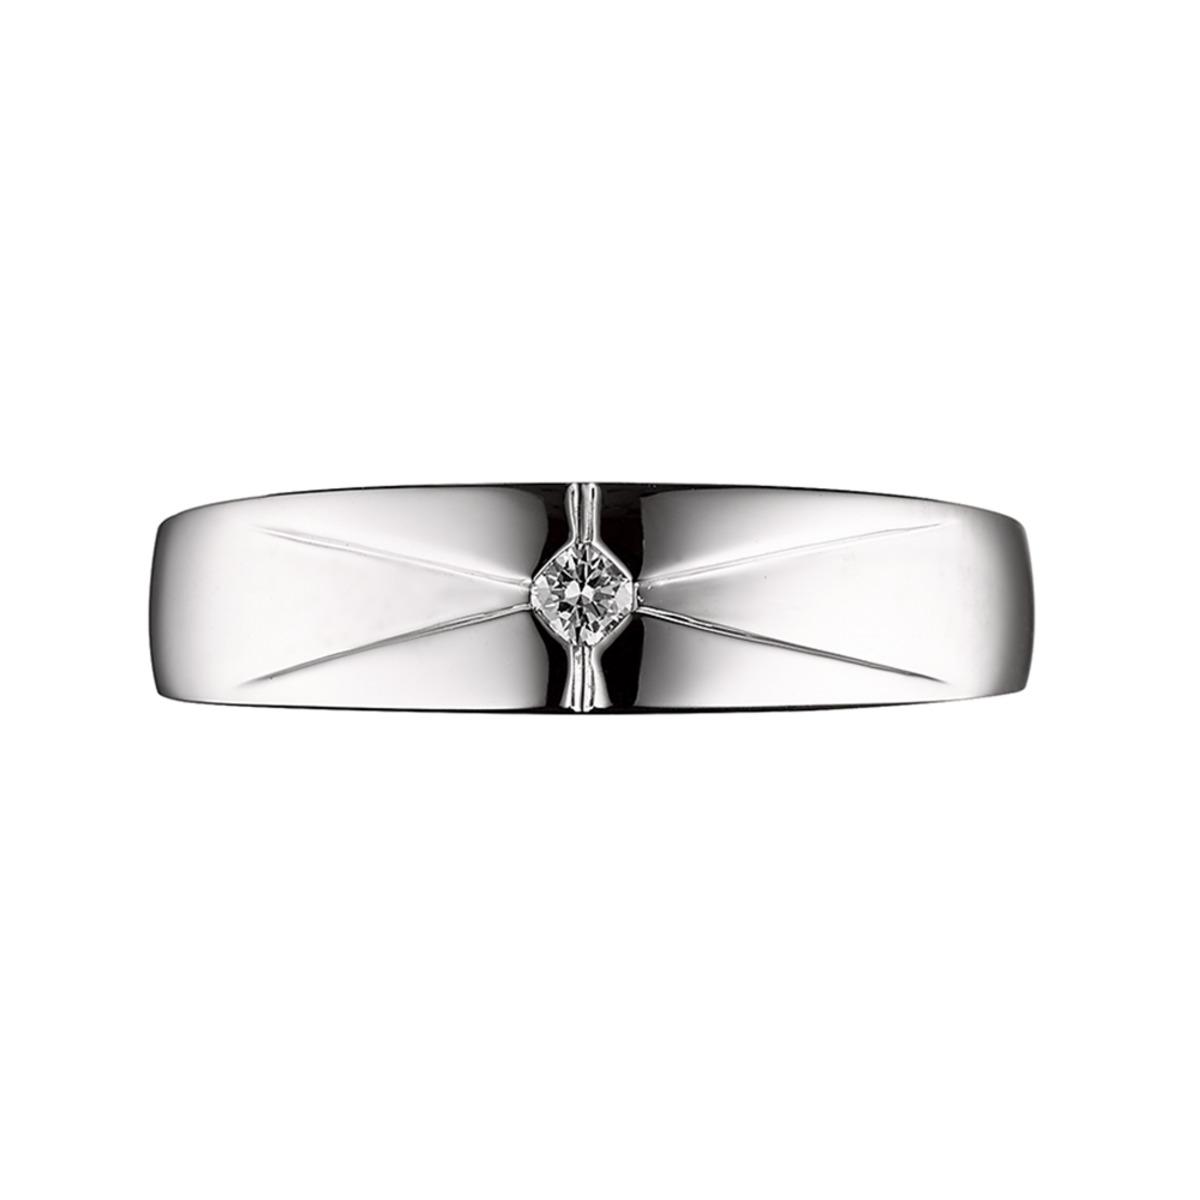 0.05 克拉男鑽石戒指 VS2, I